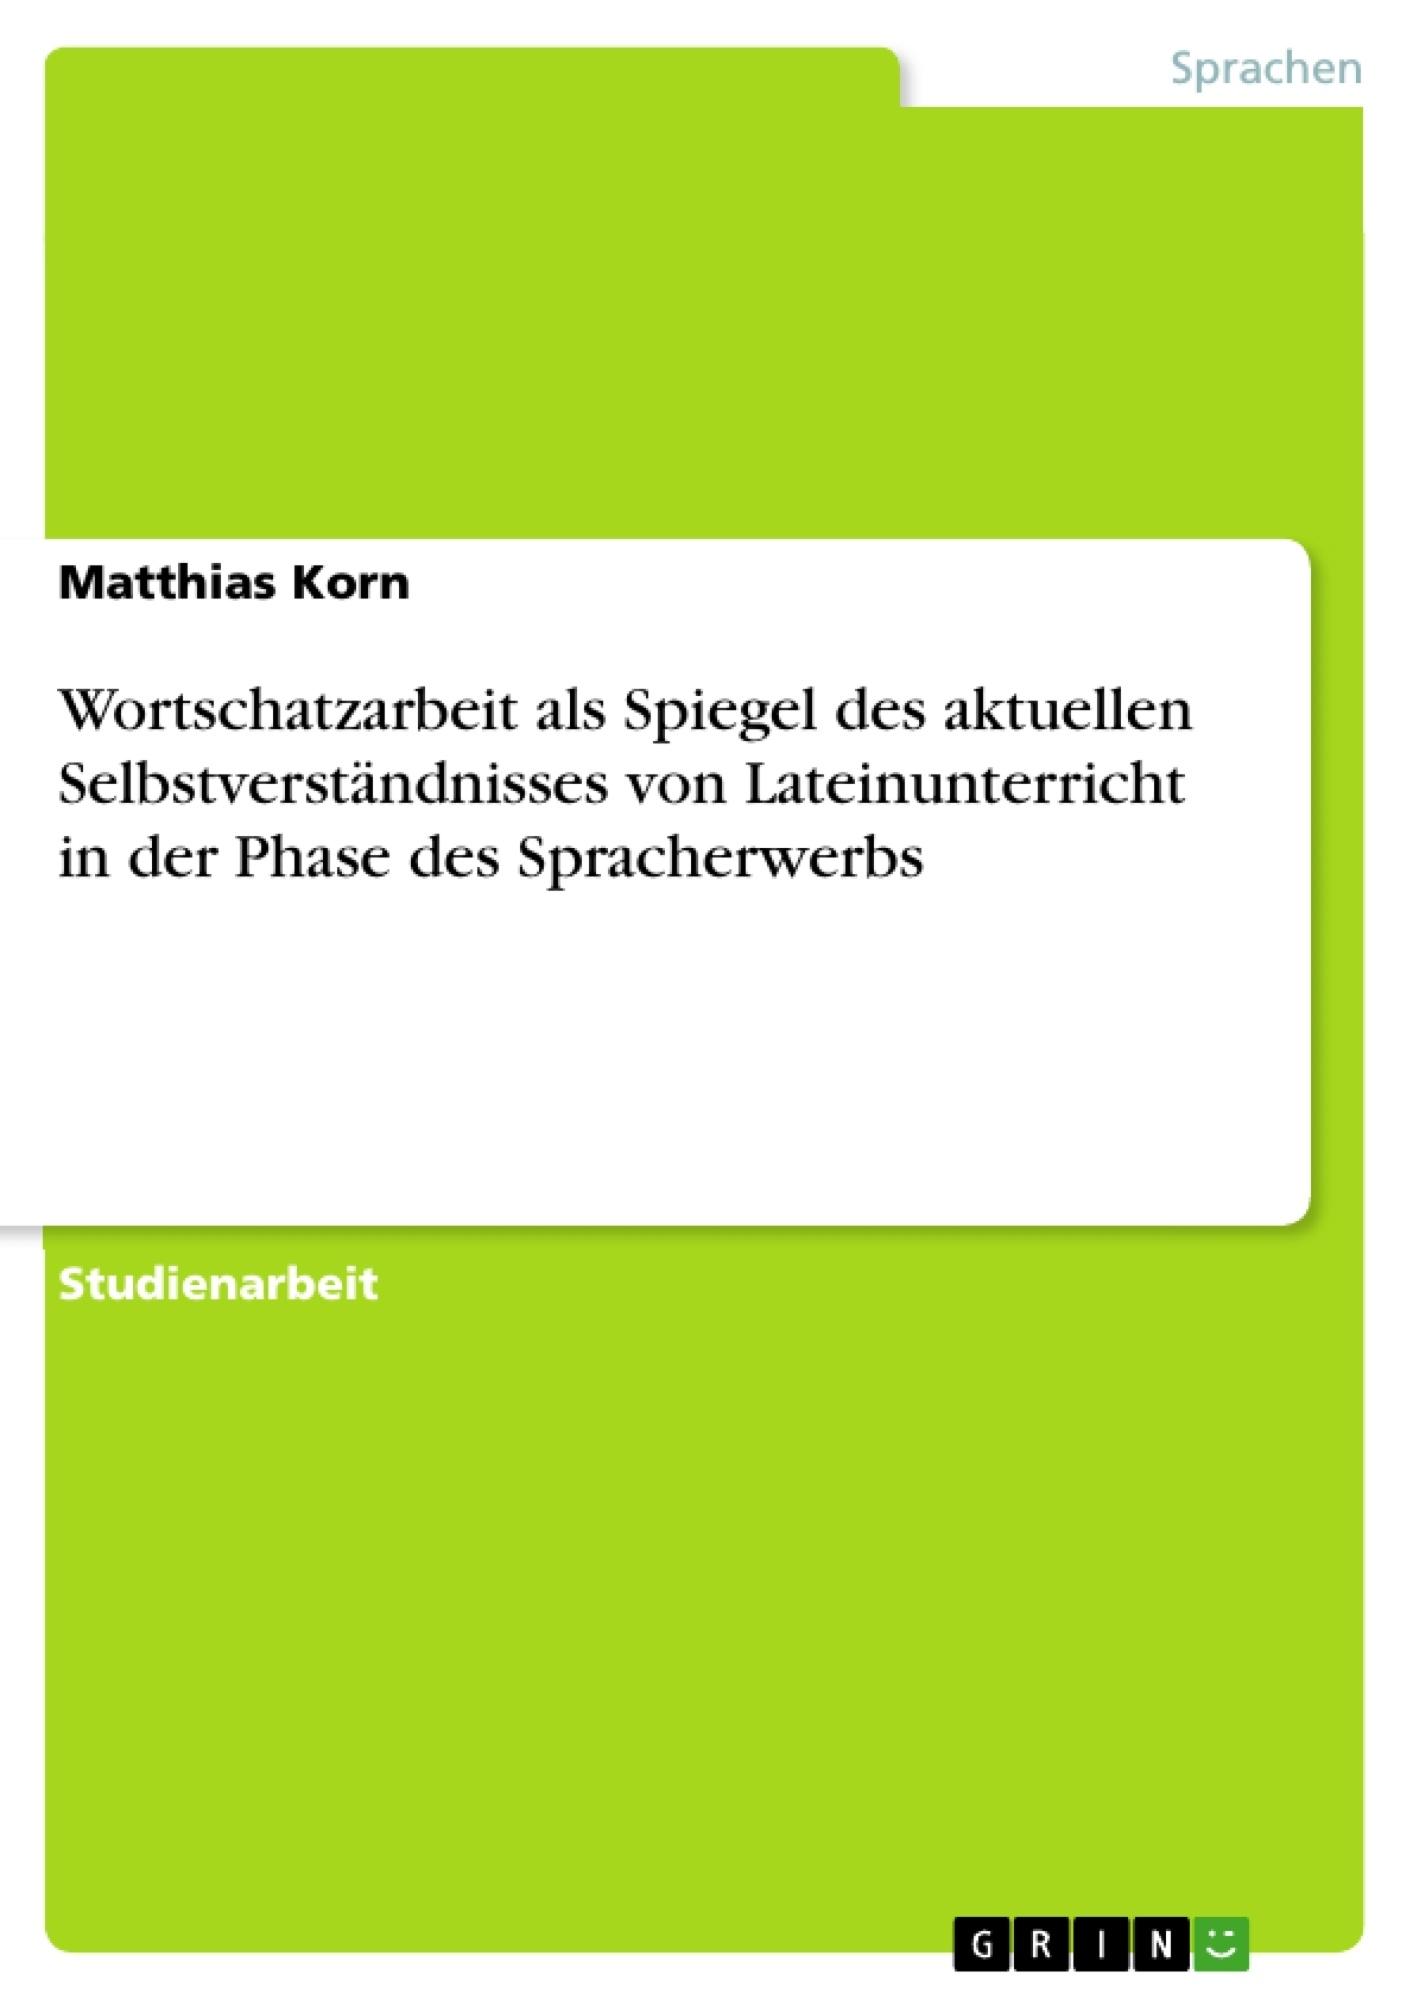 Titel: Wortschatzarbeit als Spiegel des aktuellen Selbstverständnisses von Lateinunterricht in der Phase des Spracherwerbs